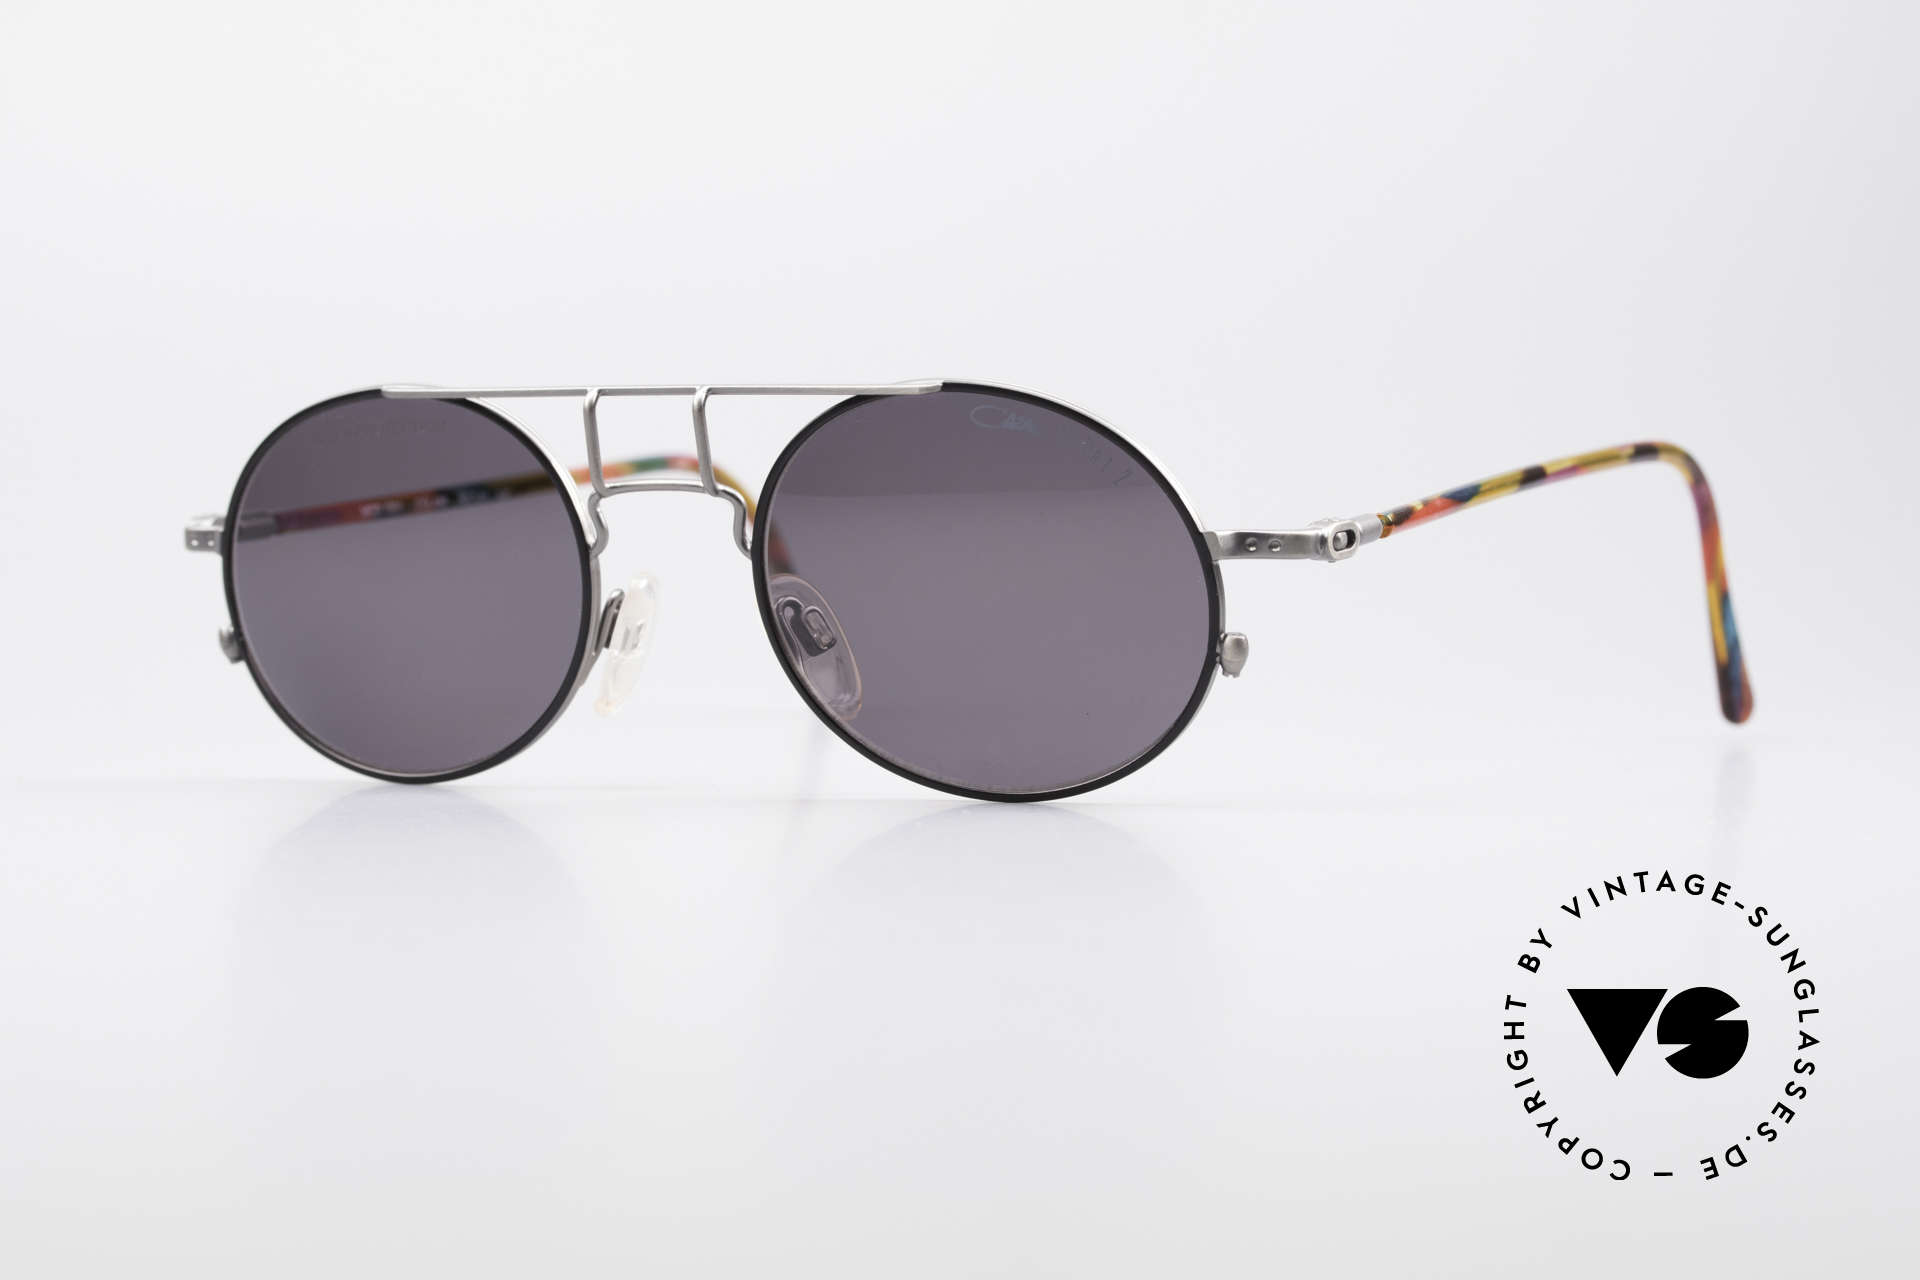 Cazal 1201 - Point 2 90er Industrial Sonnenbrille, 1201 = eines der Top-Modelle der Cazal 'Point 2' Serie, Passend für Herren